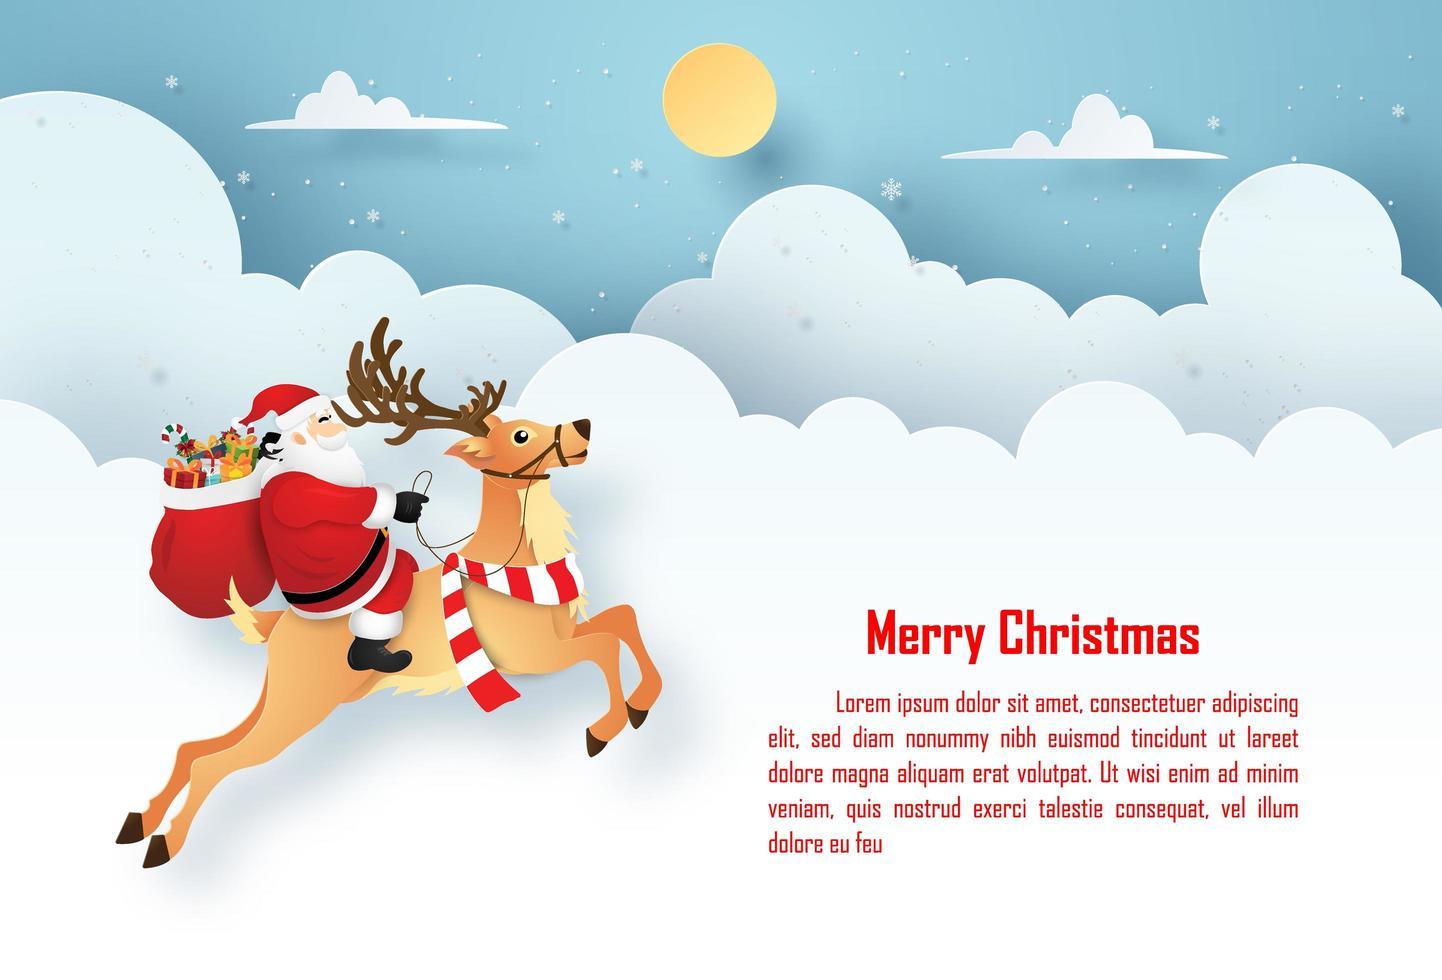 origami papier kunst kerst briefkaart kerstman en rendieren in de lucht met kopie ruimte, prettige kerstdagen en gelukkig nieuwjaar vector